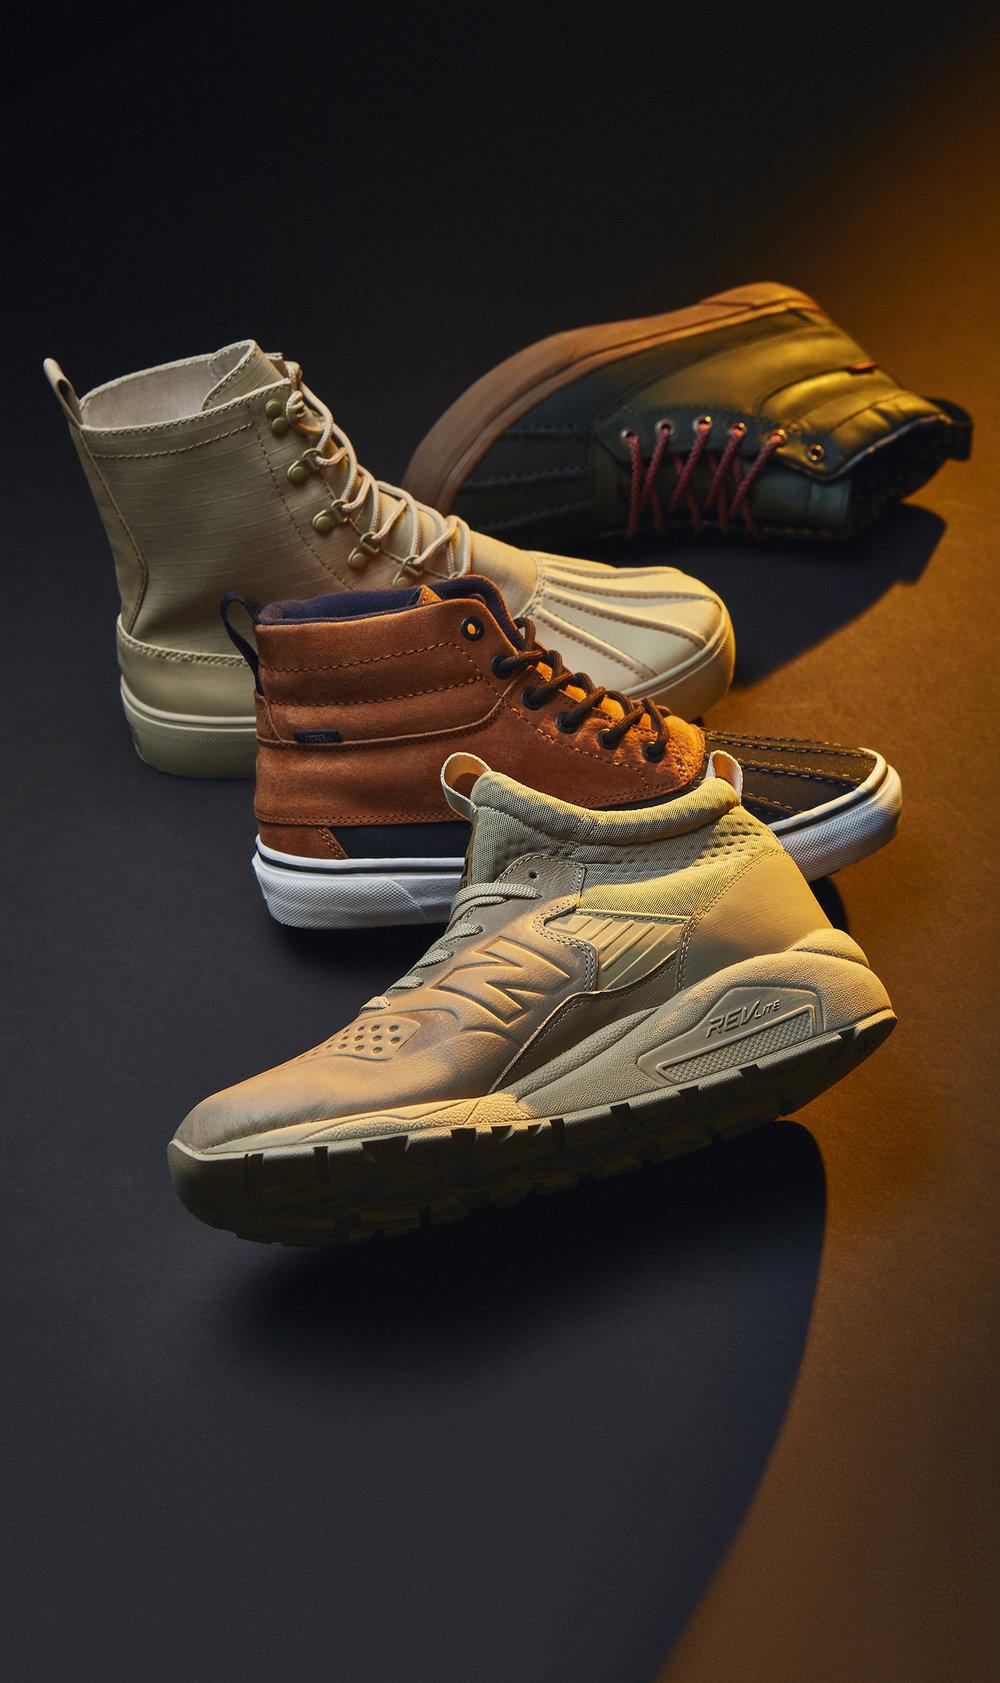 161014_nov02_sneaker_boots_JW0804.jpg